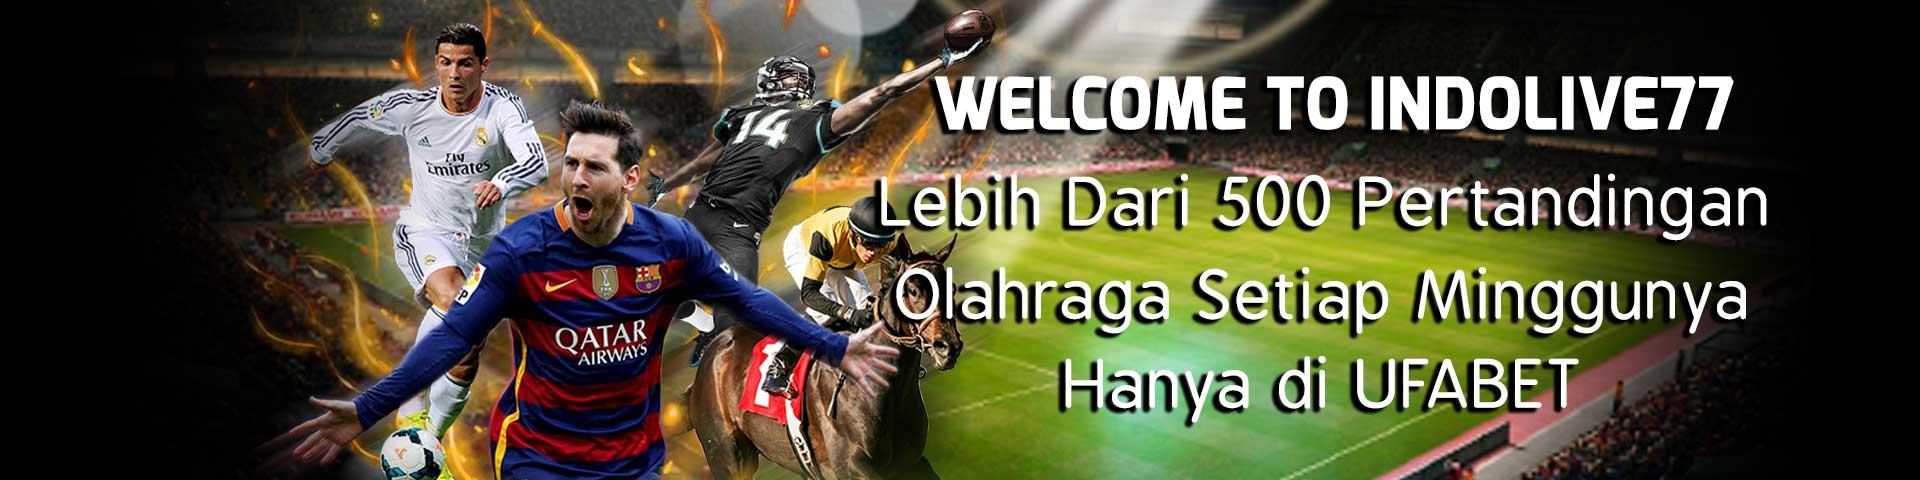 Daftar-di-Situs-Bandar-Bola-Live-Casino-Online-UFABET-Indonesia